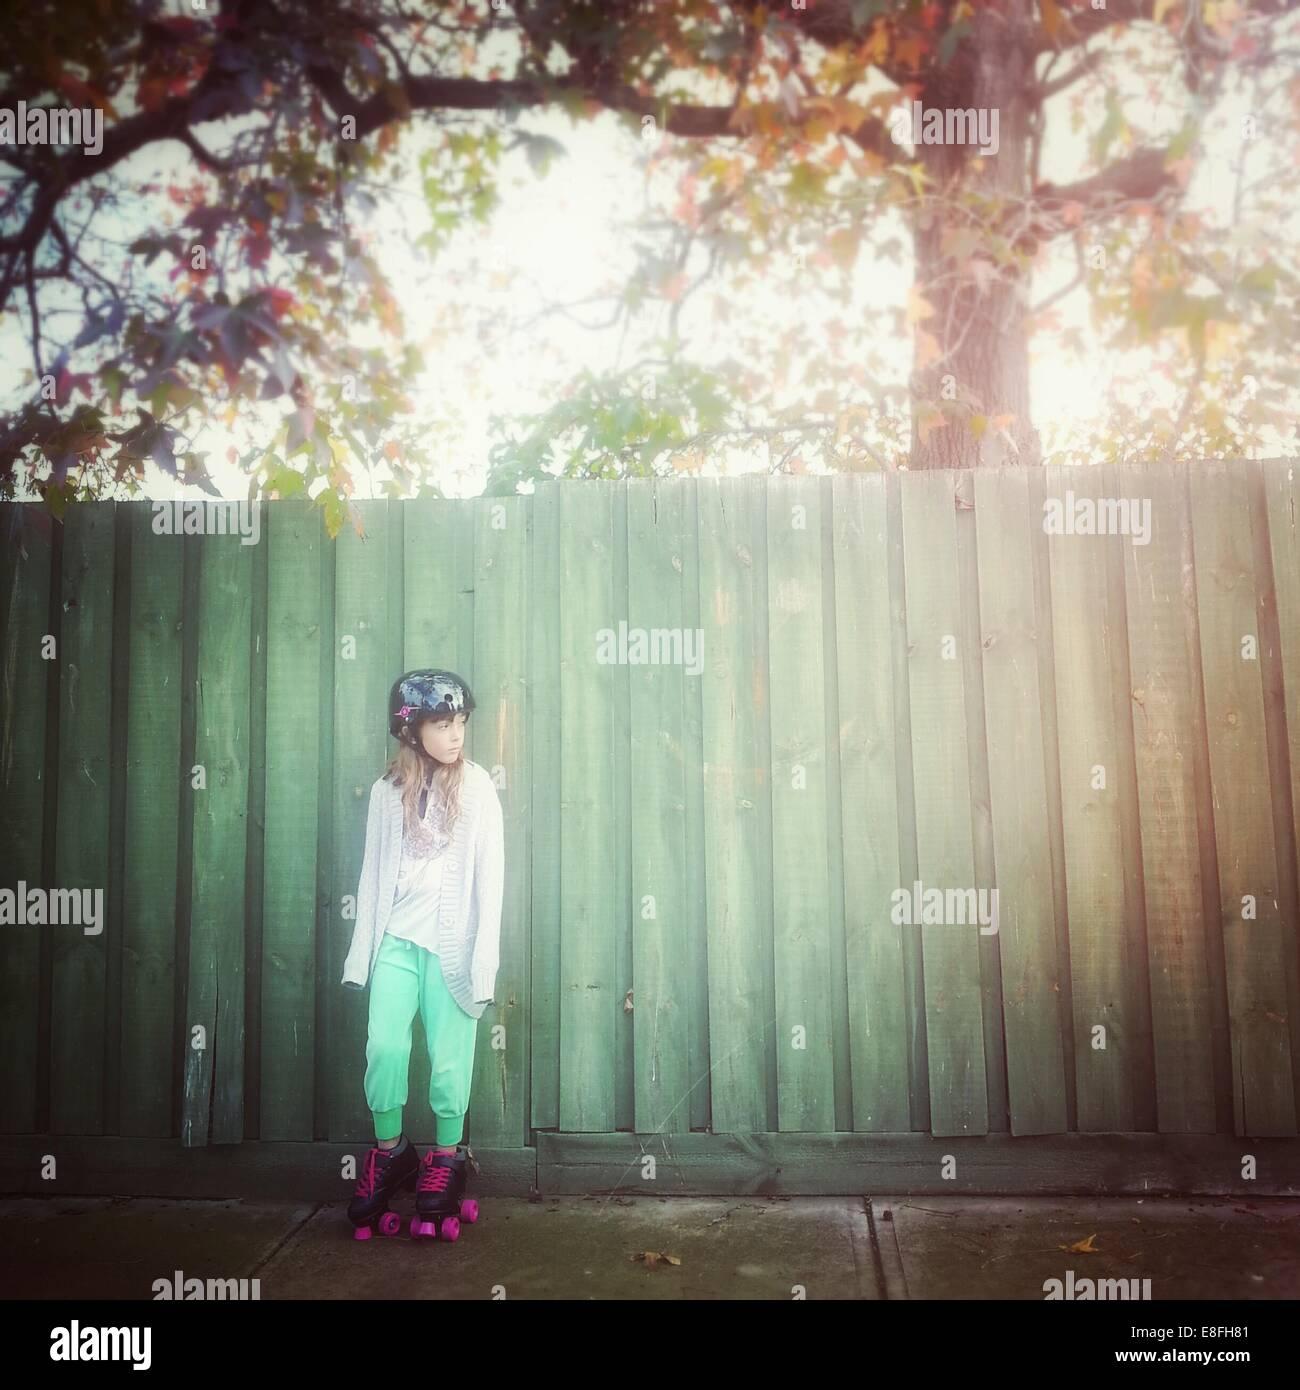 Vestida de rollerskates recostada contra la valla Imagen De Stock